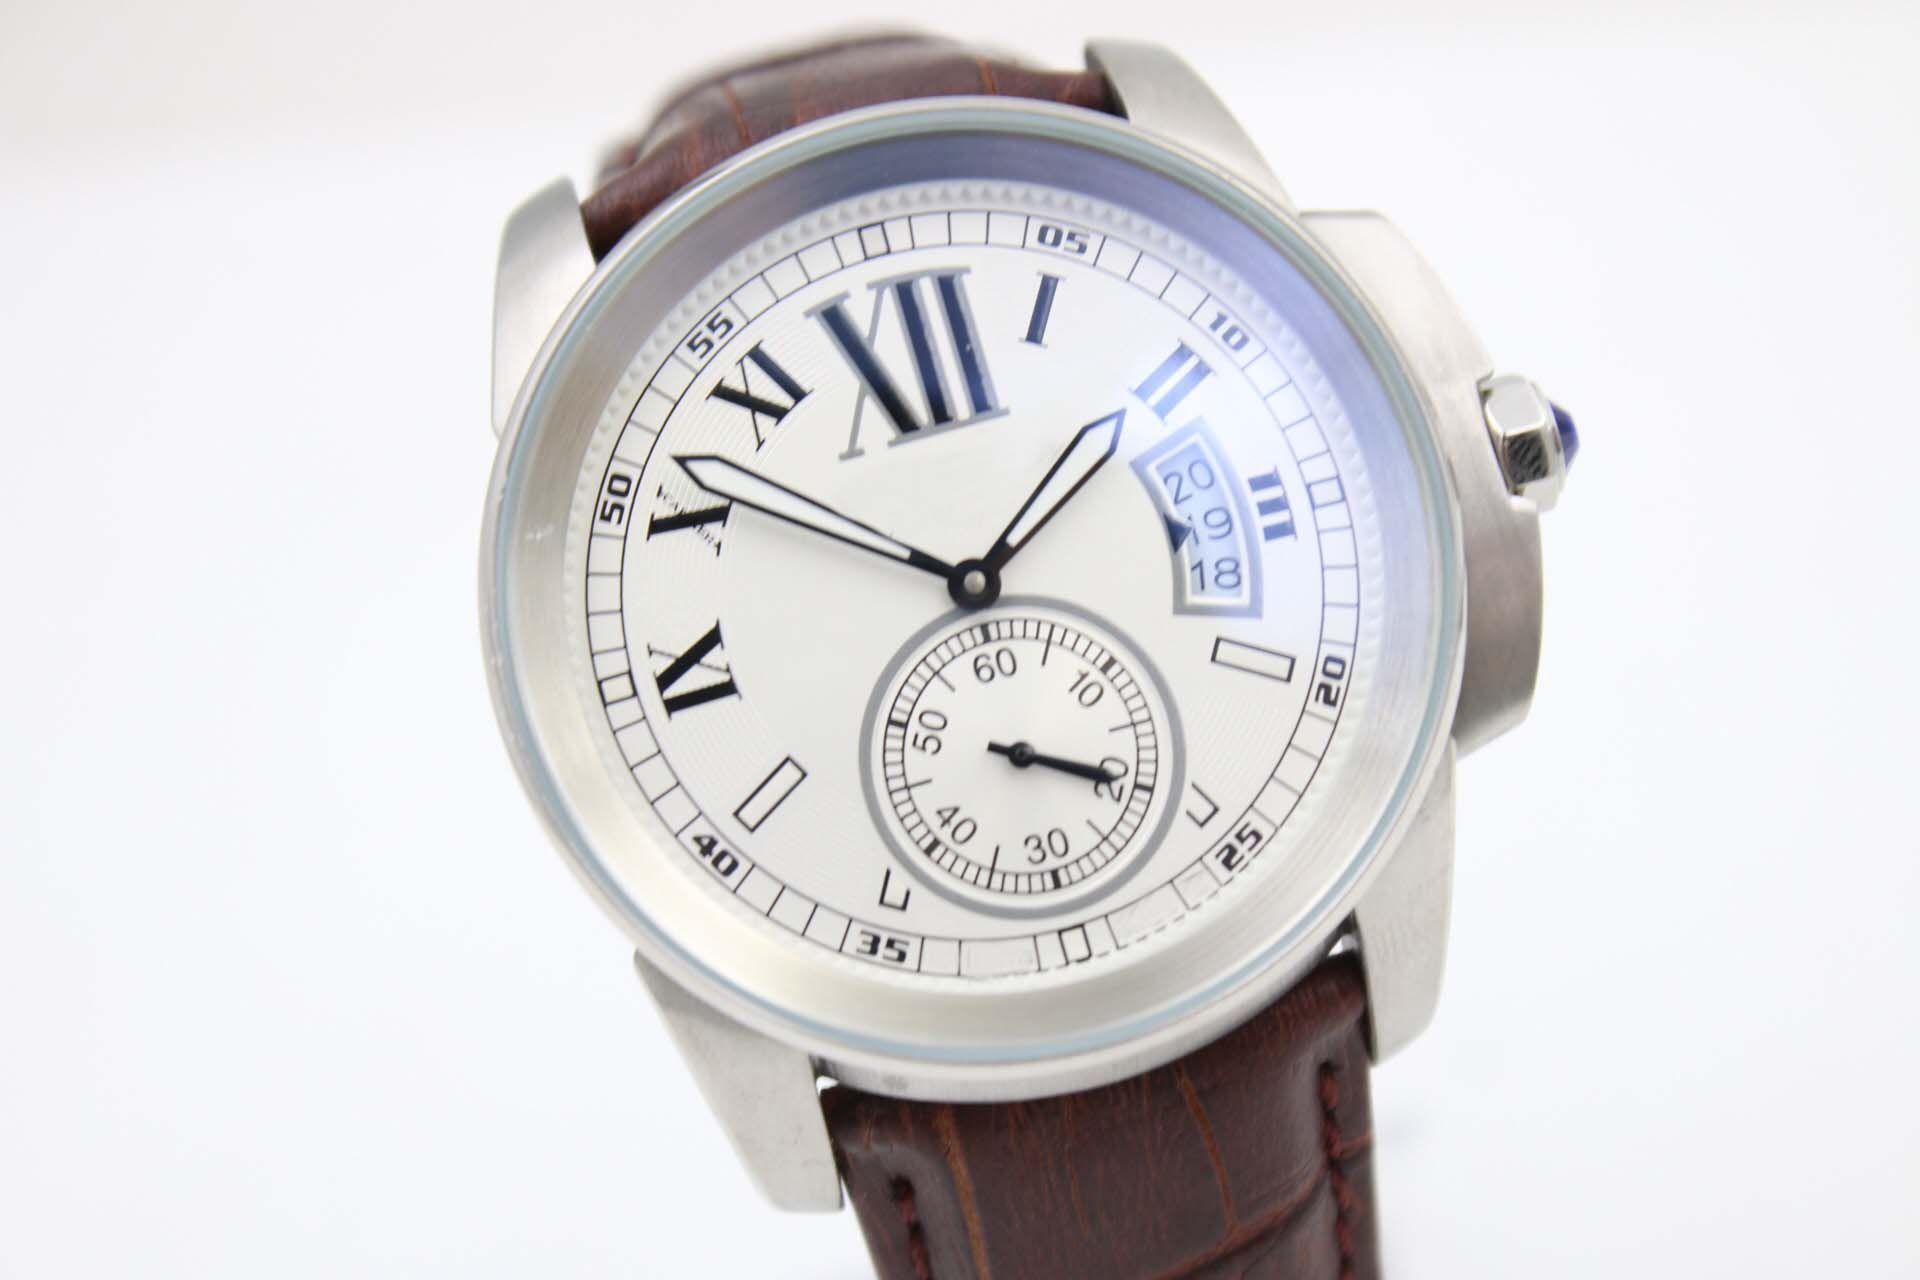 Mode Casual Ceinture Marron W7100037 Automatique Diamètre De Fond 01 Cadeau De Messieurs Montre Classique Avancée Livraison Gratuite